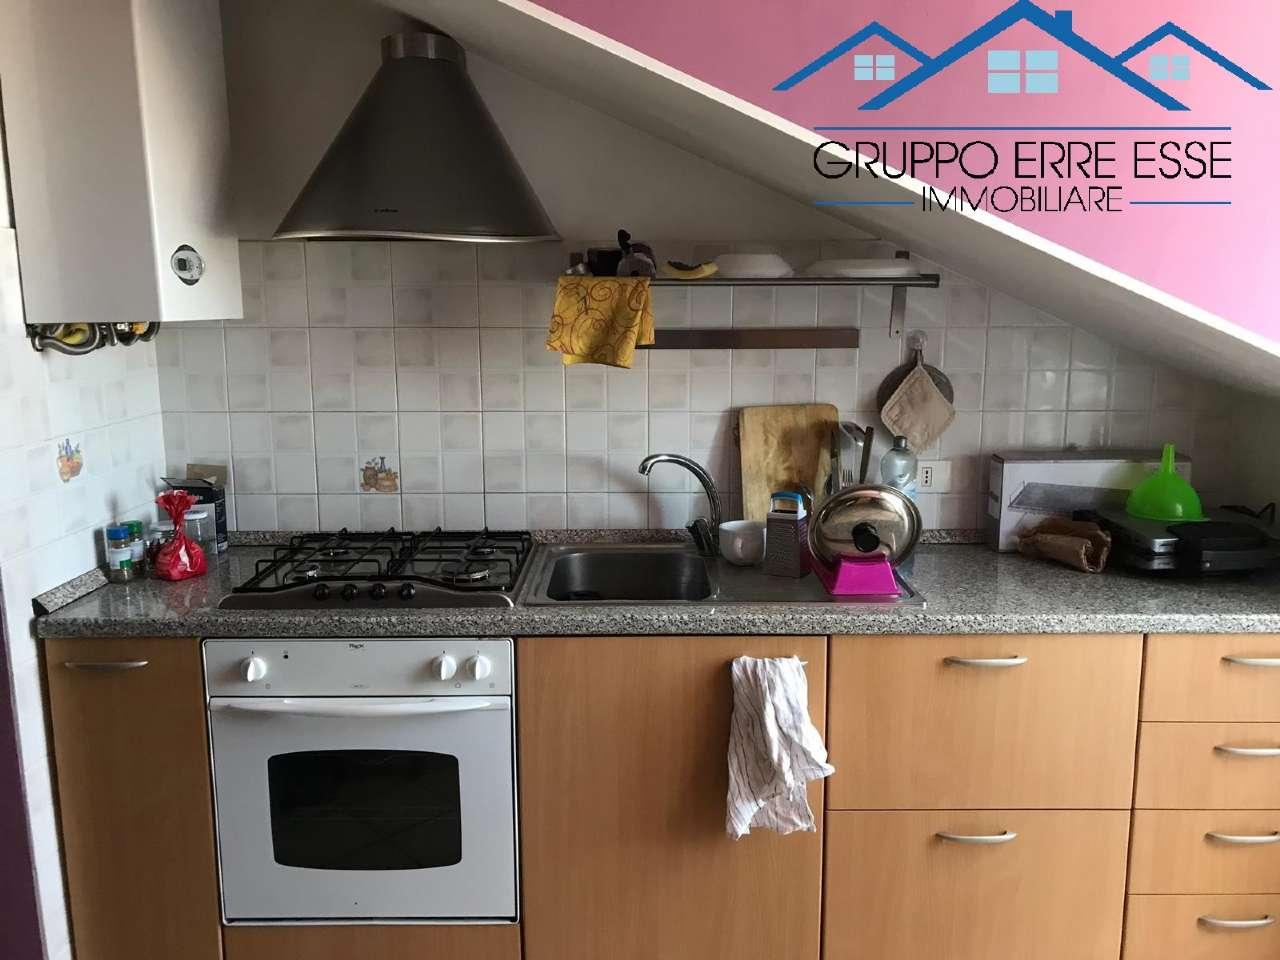 Attico / Mansarda in affitto a Bra, 2 locali, prezzo € 350   PortaleAgenzieImmobiliari.it